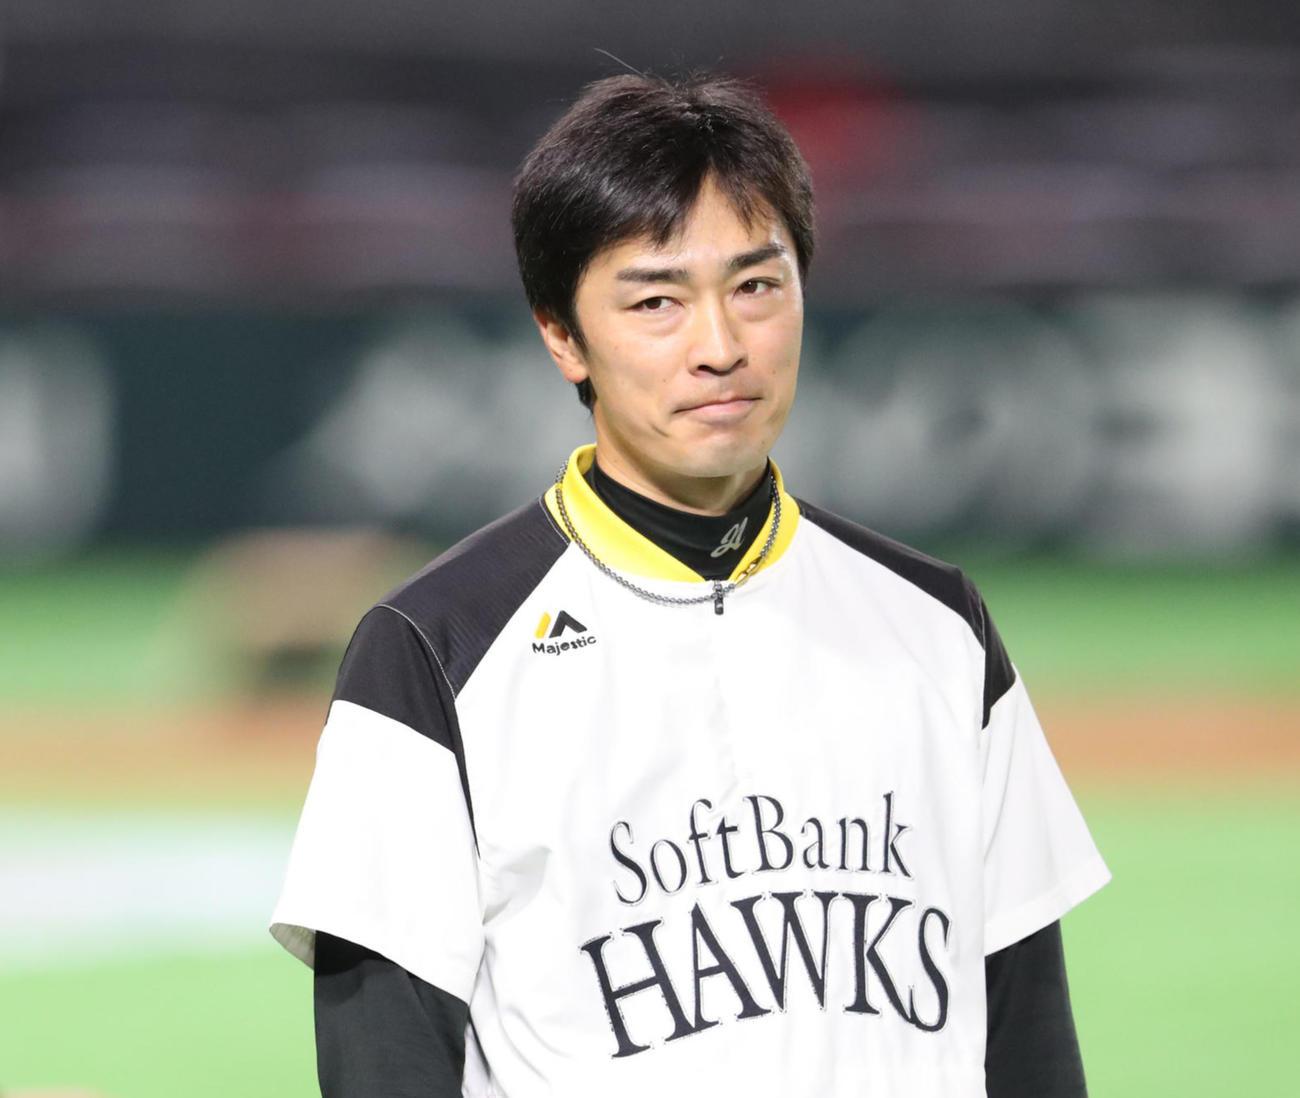 ソフトバンク和田毅(2020年3月2日)